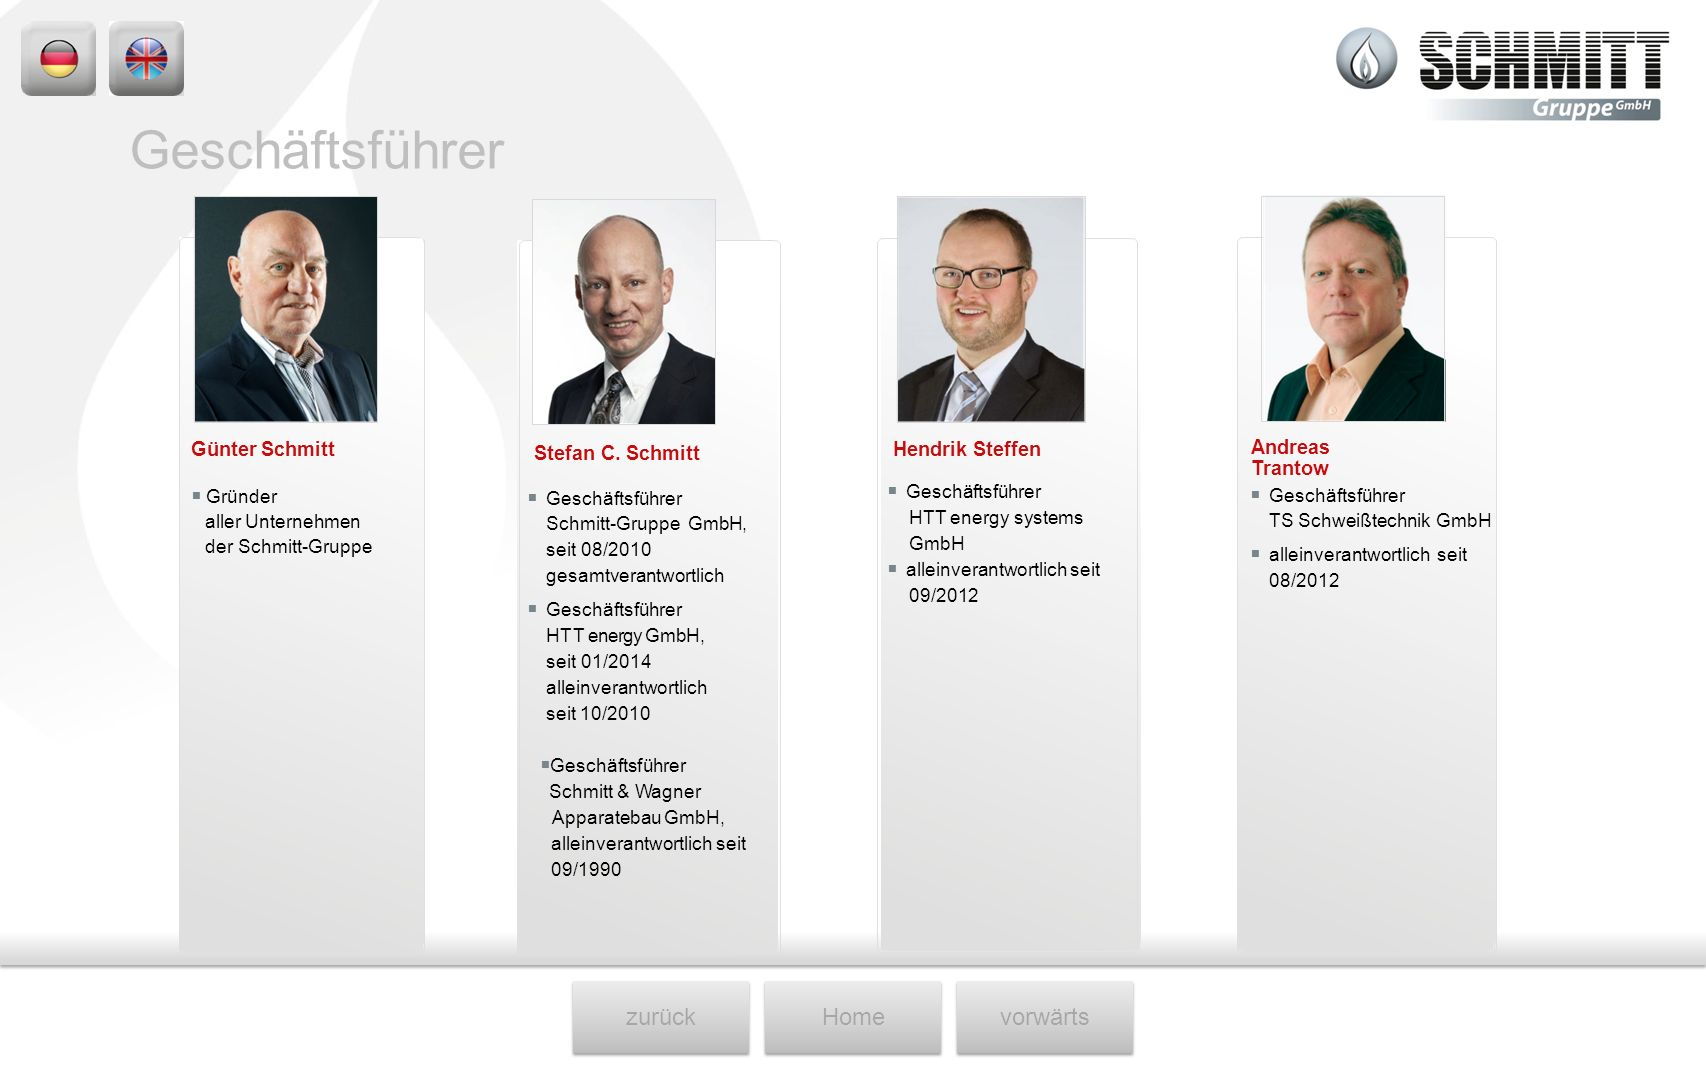 zurückHomevorwärts Andreas Trantow Gründer aller Unternehmen der Schmitt-Gruppe Stefan C. Schmitt Geschäftsführer HTT energy systems GmbH alleinverant